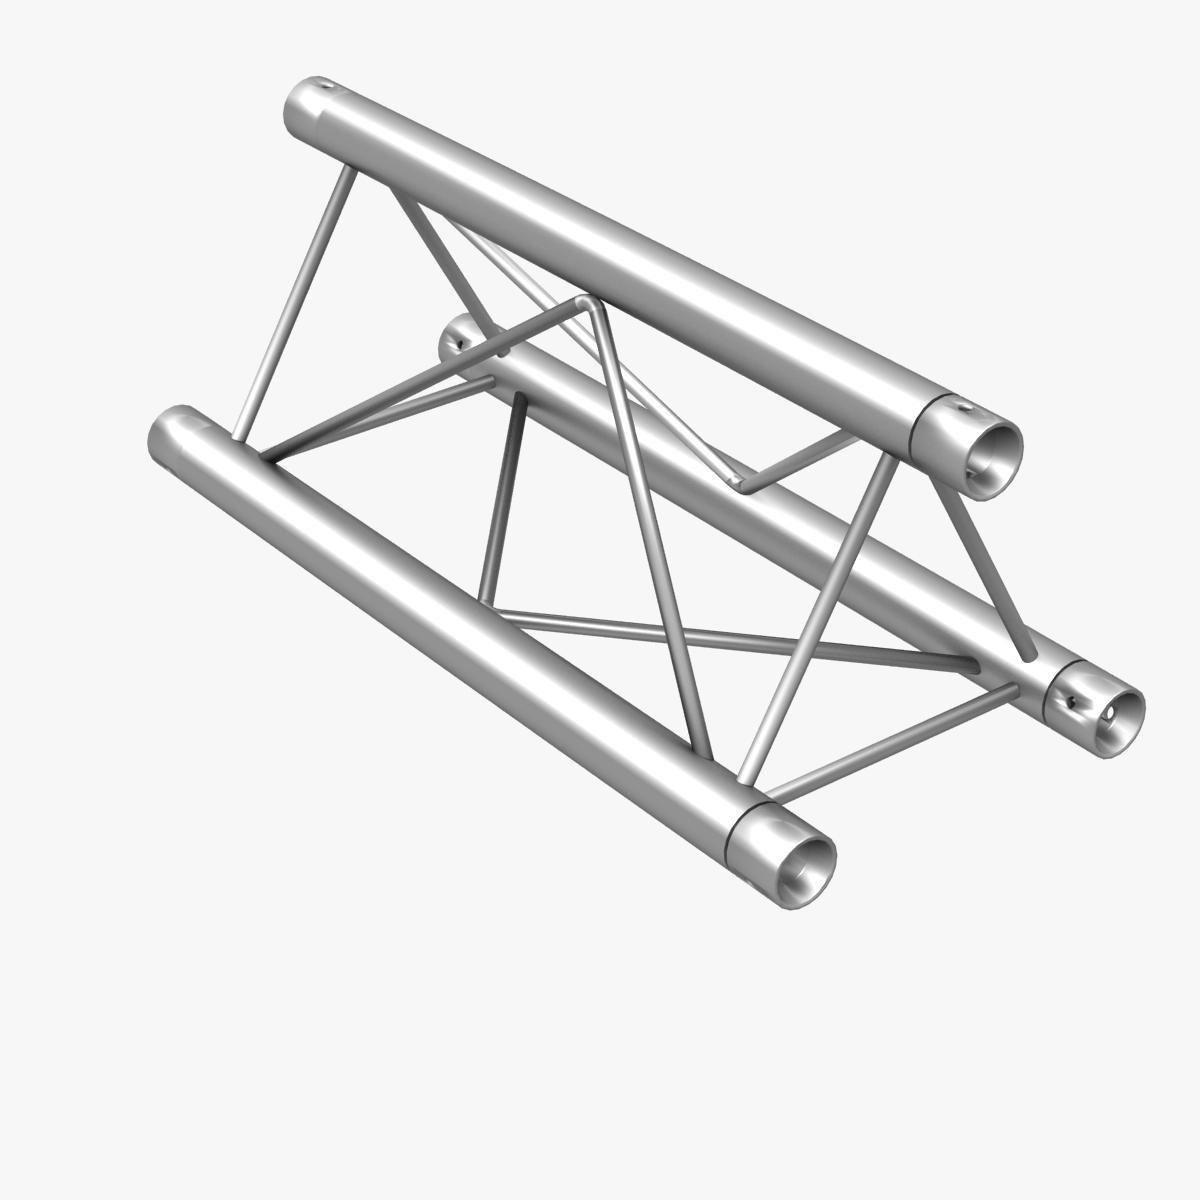 mini triangular truss straight segment 111 3d model 3ds max dxf fbx c4d  obj other 268879